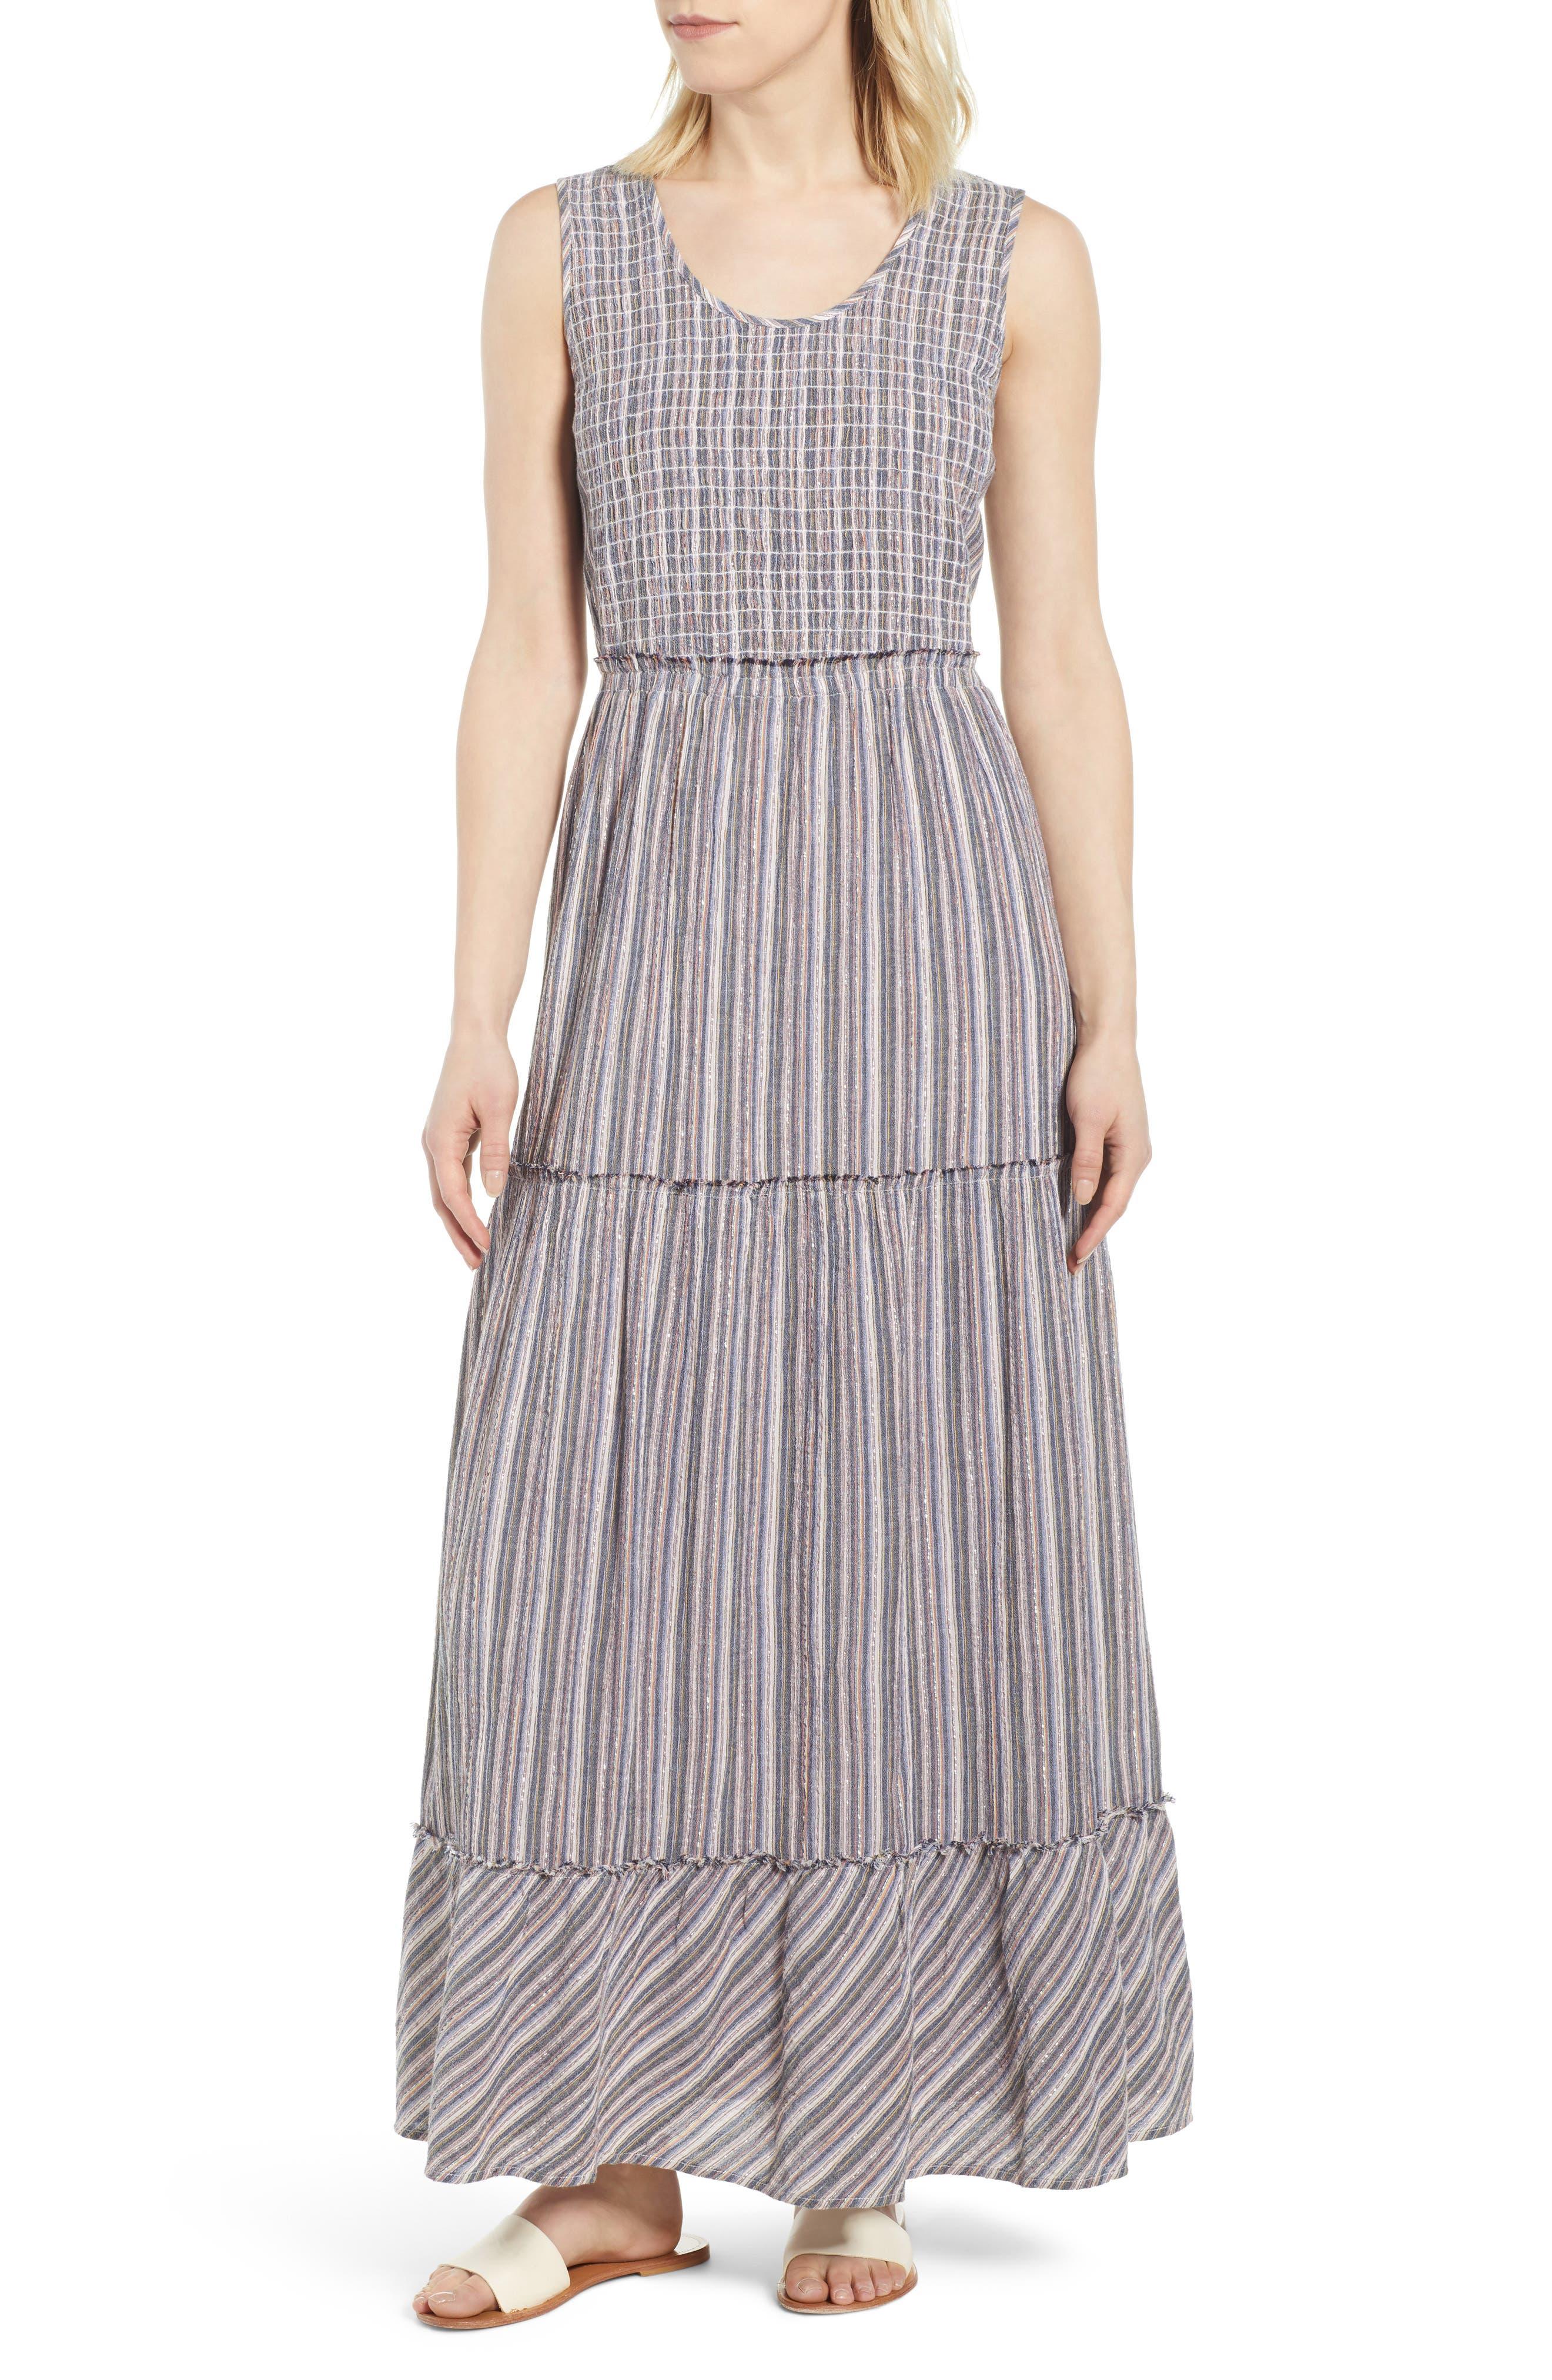 long dresses for petite women